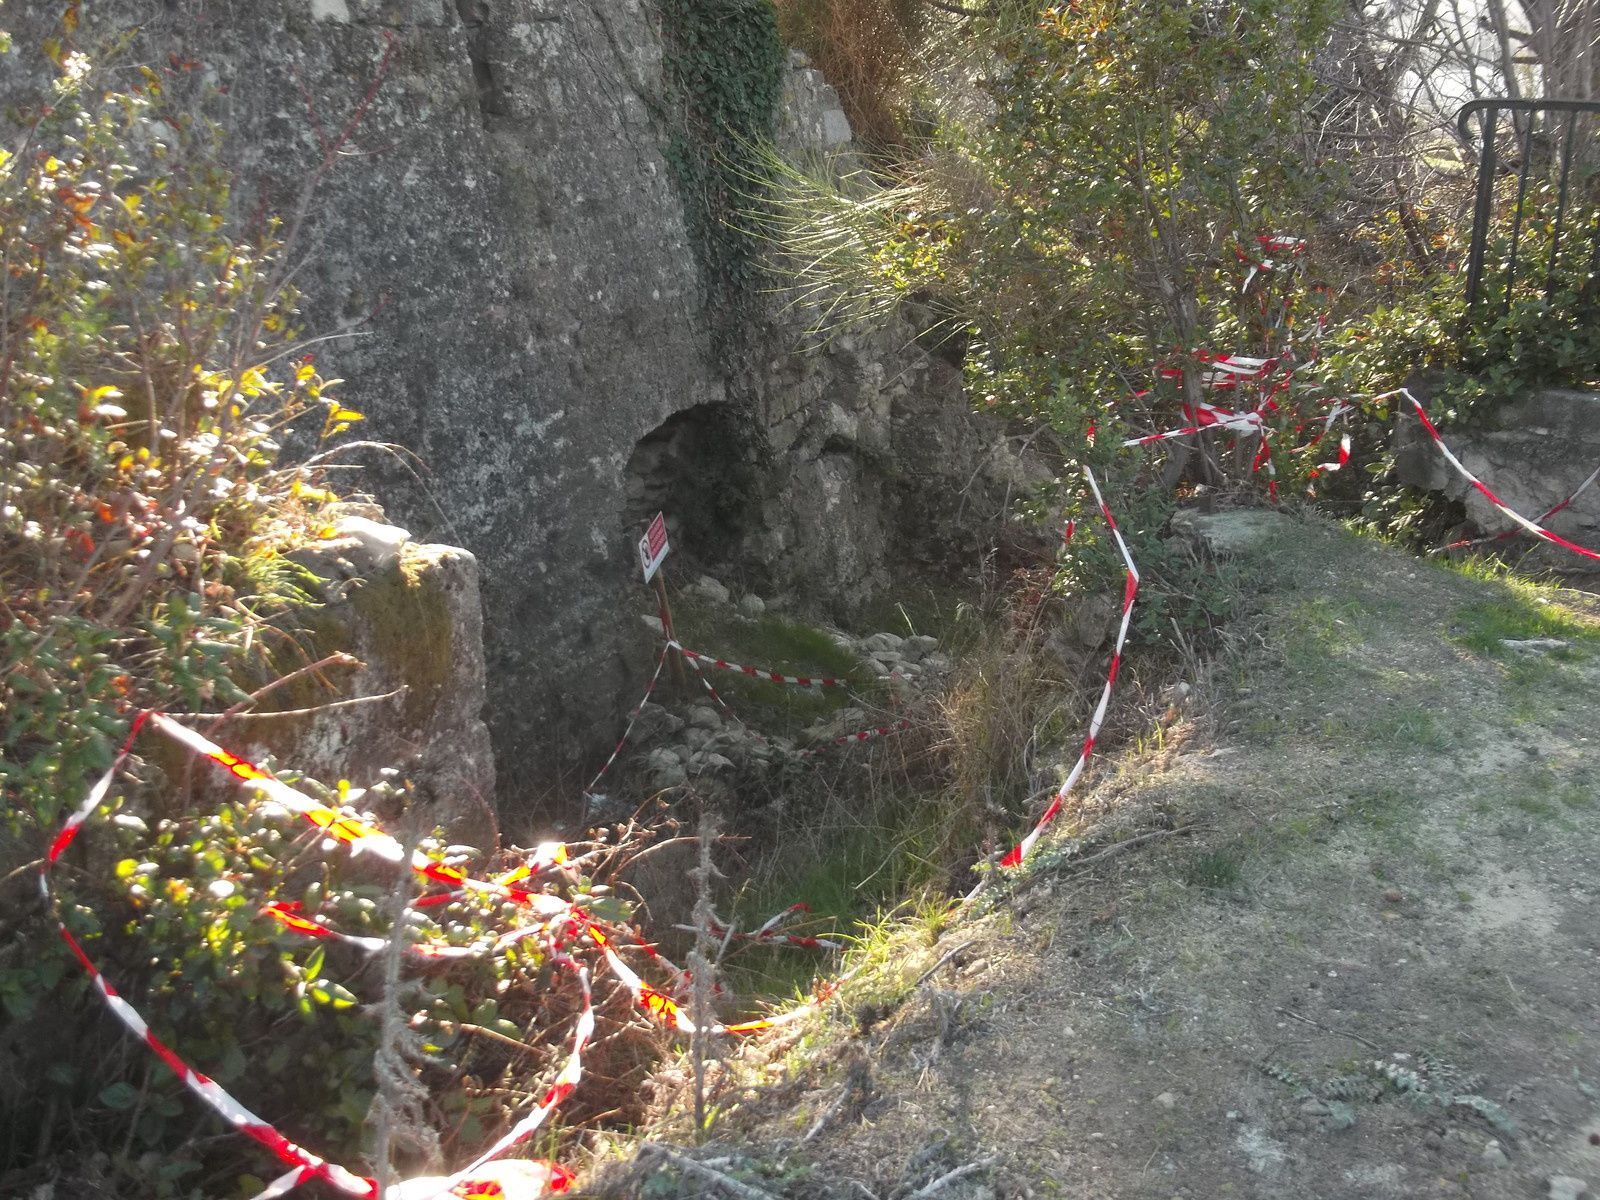 Site archéologique de la colline juillet 2018: No comment, enfin si un petit peu.